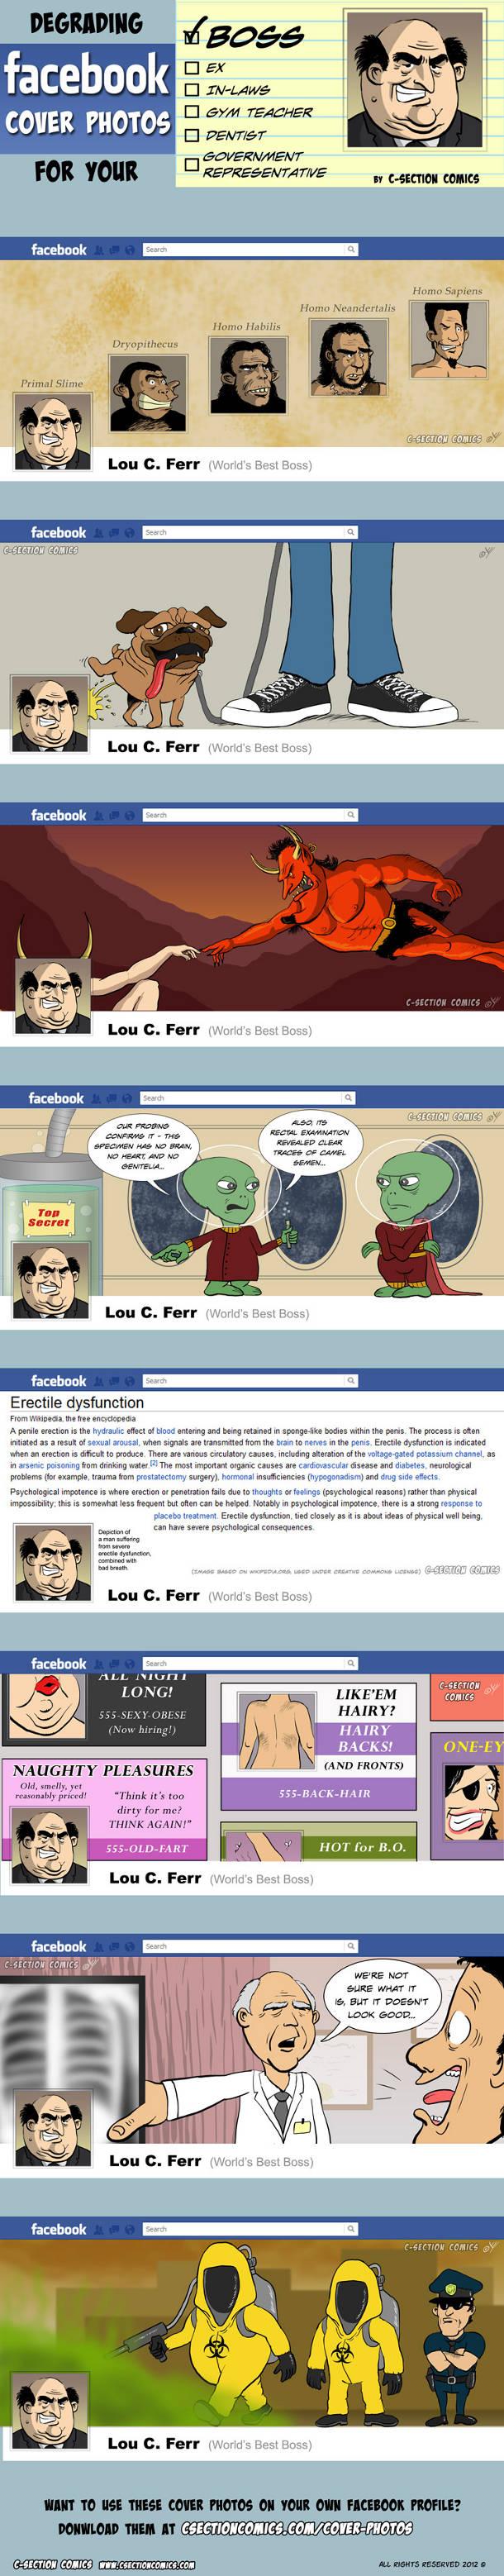 Des idées pour la couverture du profil Facebook de ton boss